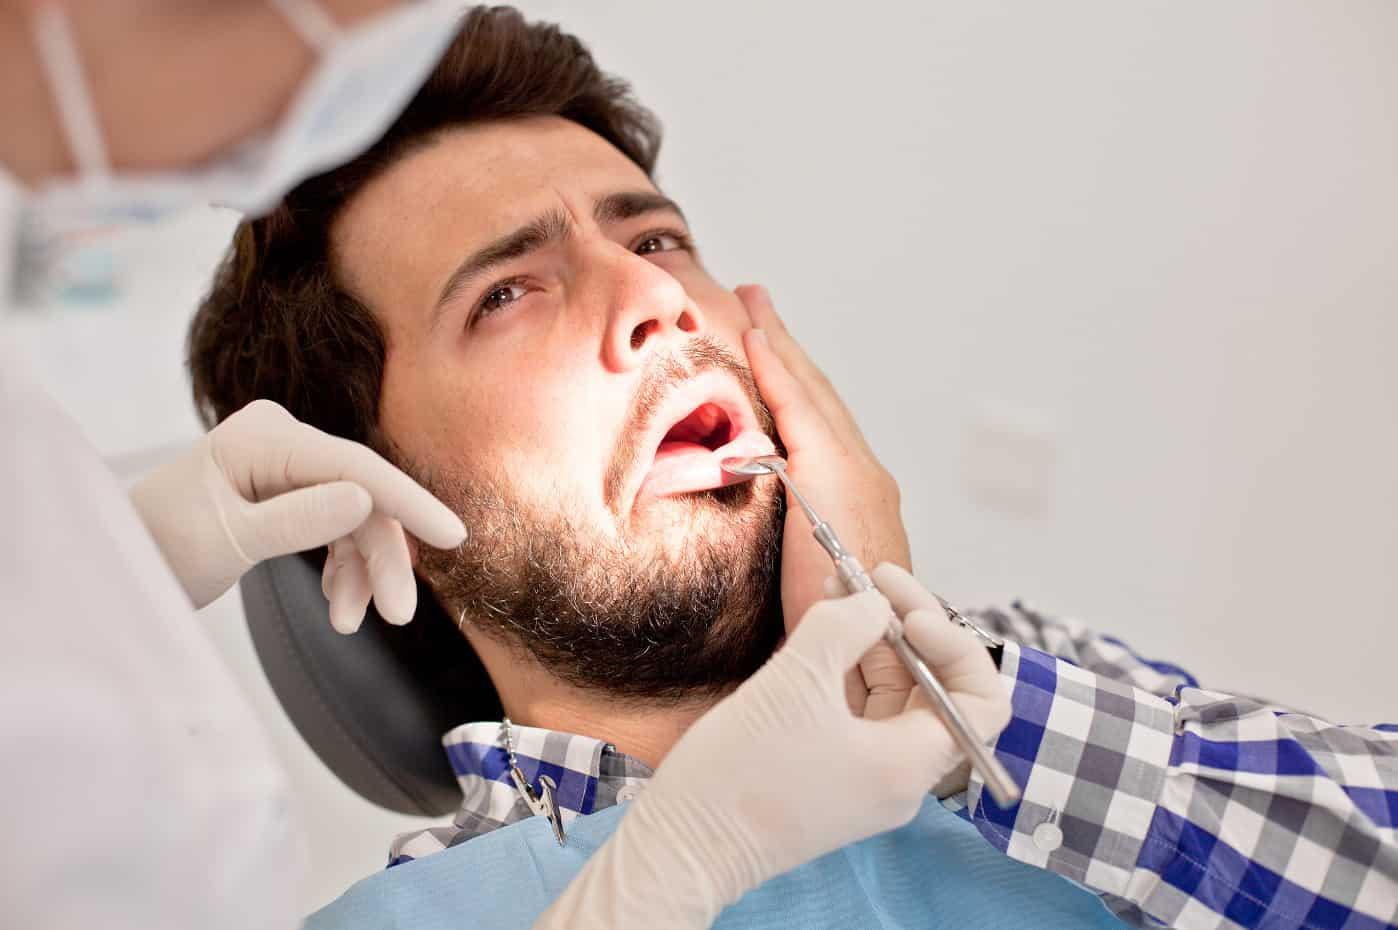 Противопоказания к имплантации зубов фото